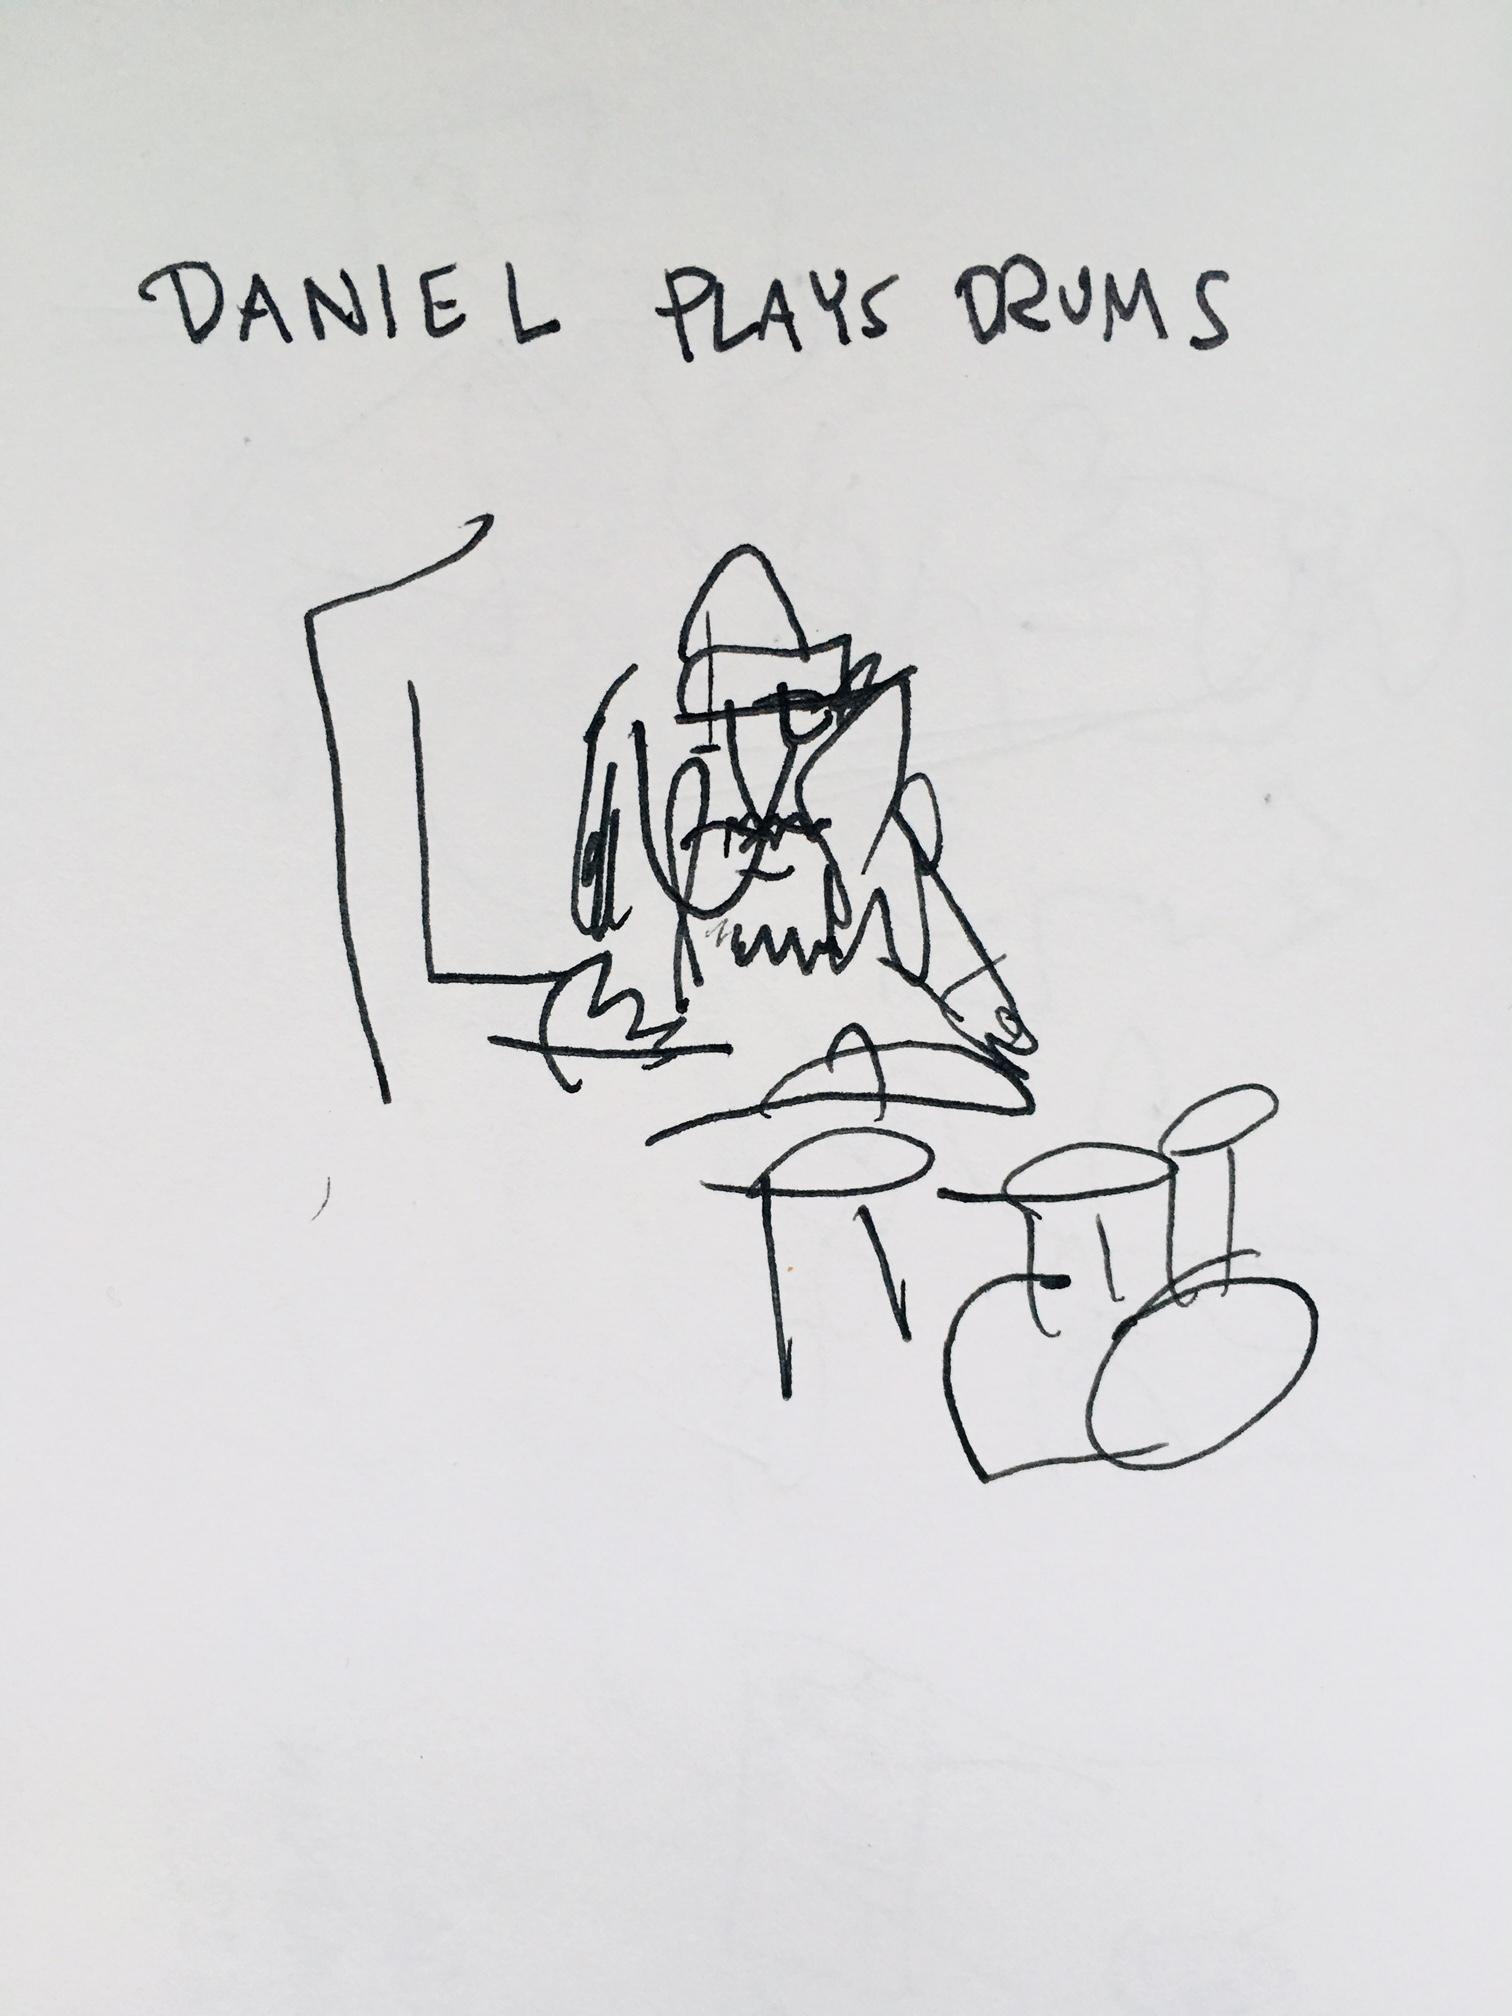 daniel on drums - blind.jpg